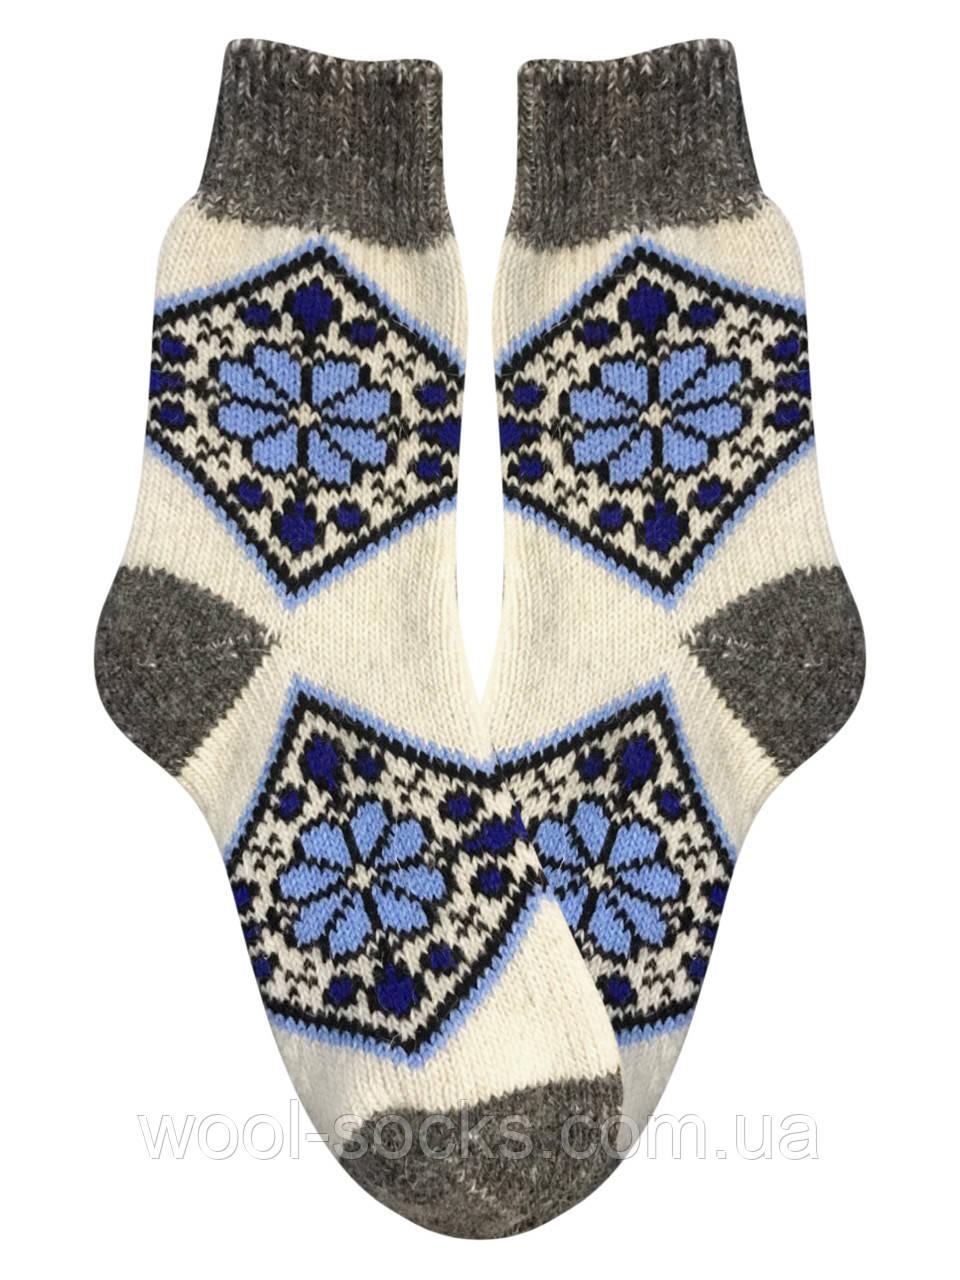 Носки из овчины женские